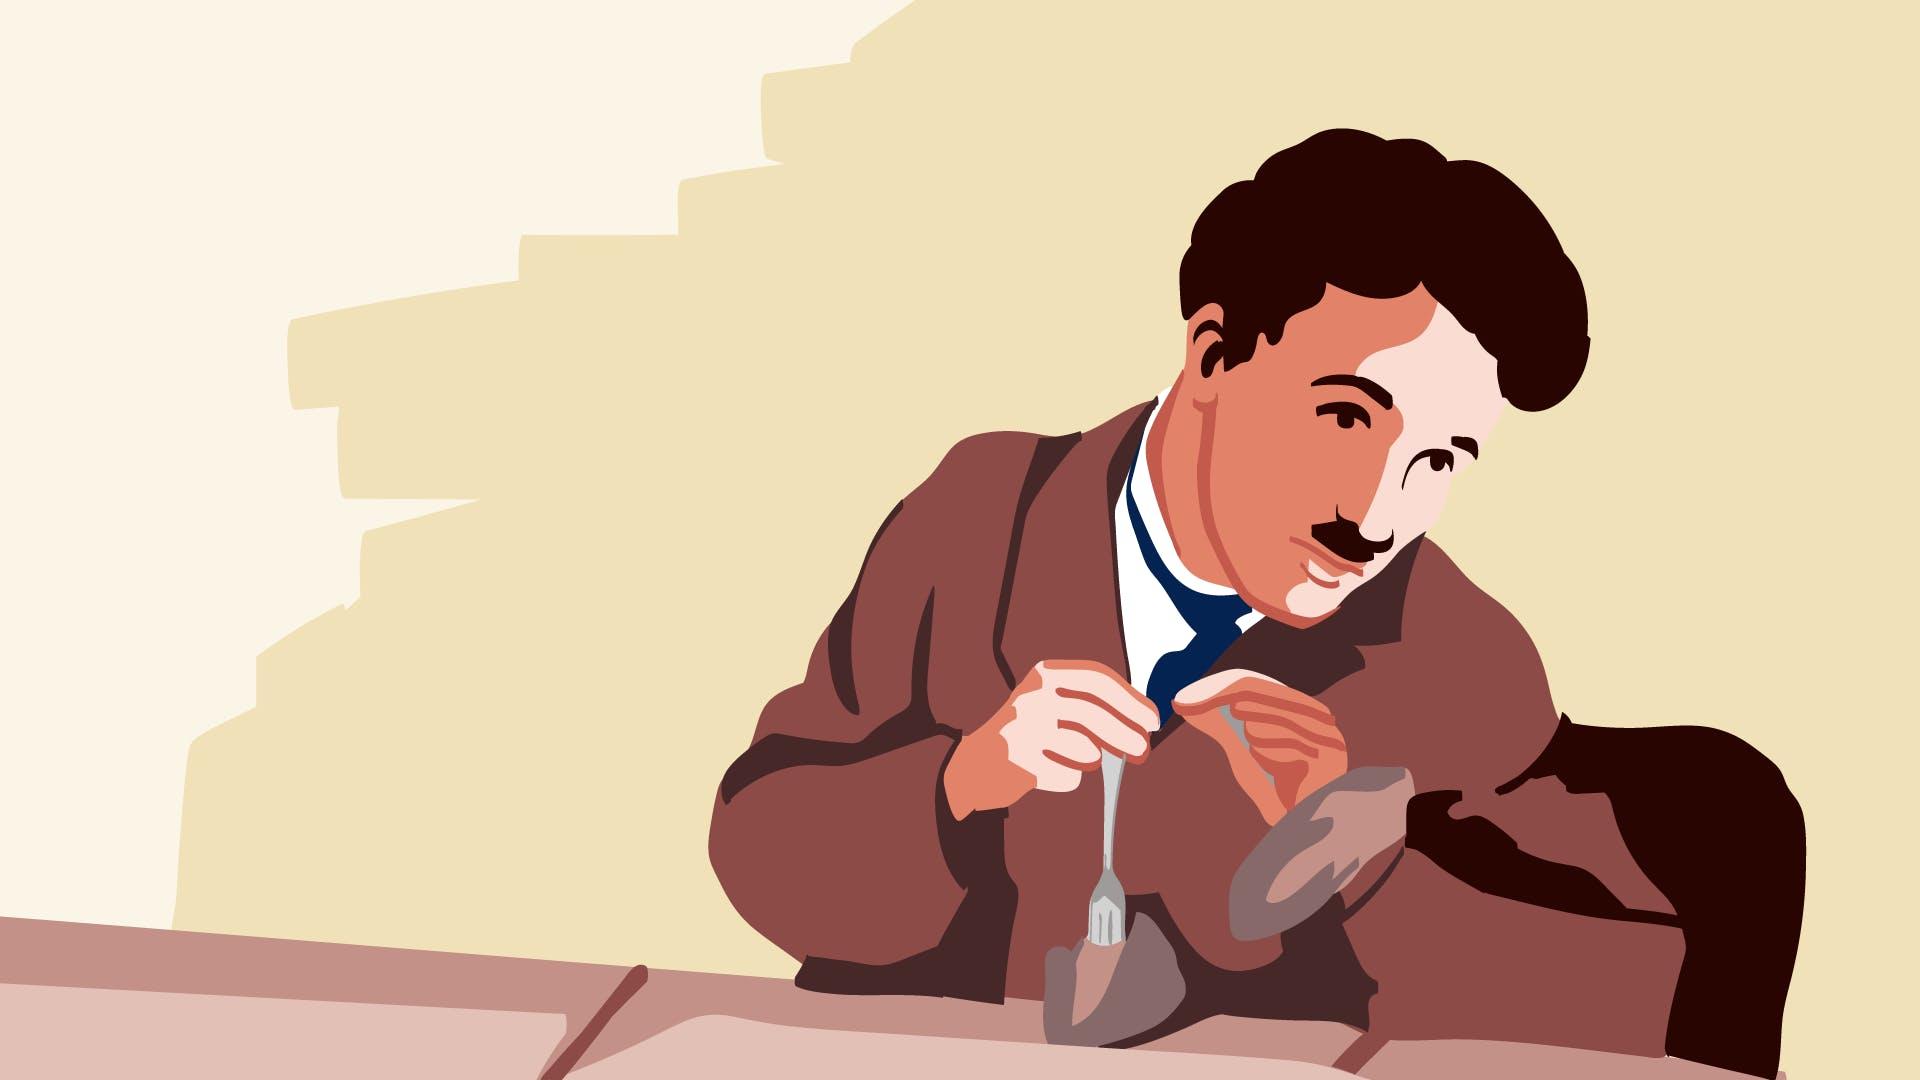 Charley Chaplin Illustration mit brauner Jacke - Sozialversicherungsausweis früher und heute.